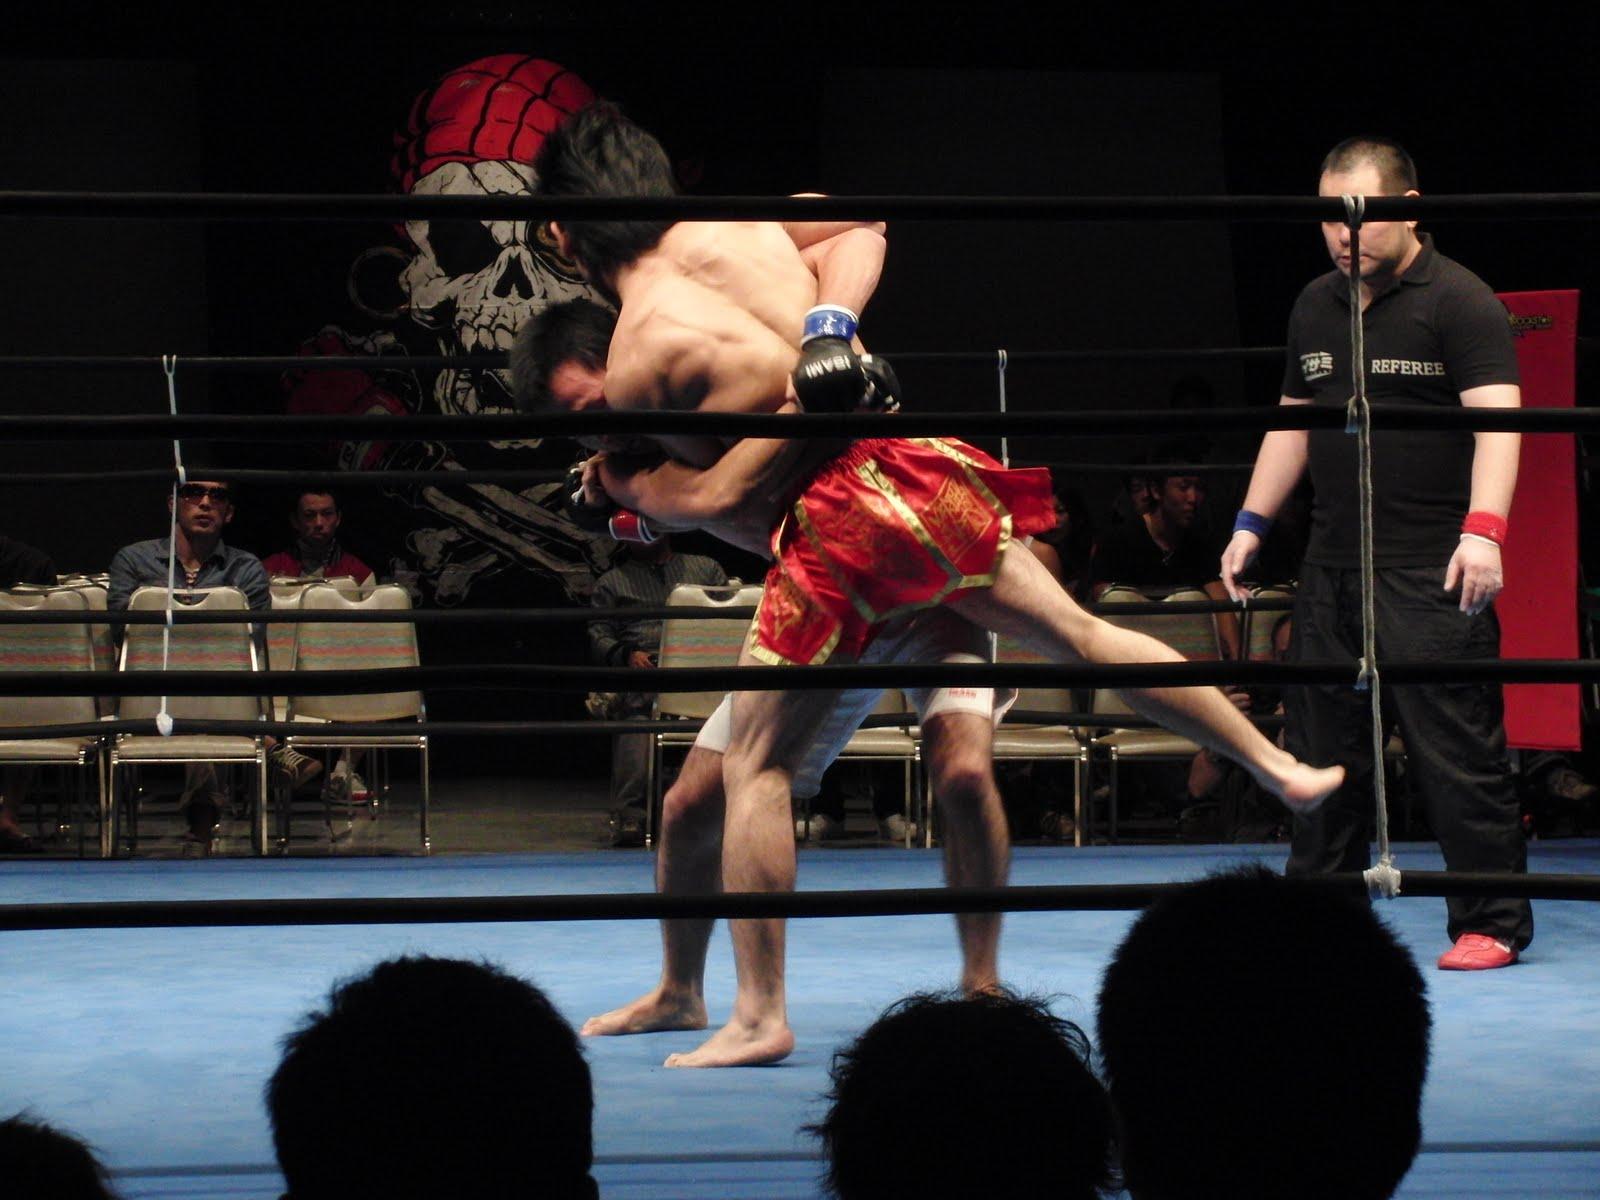 Momento del combate de kick boxing japonés